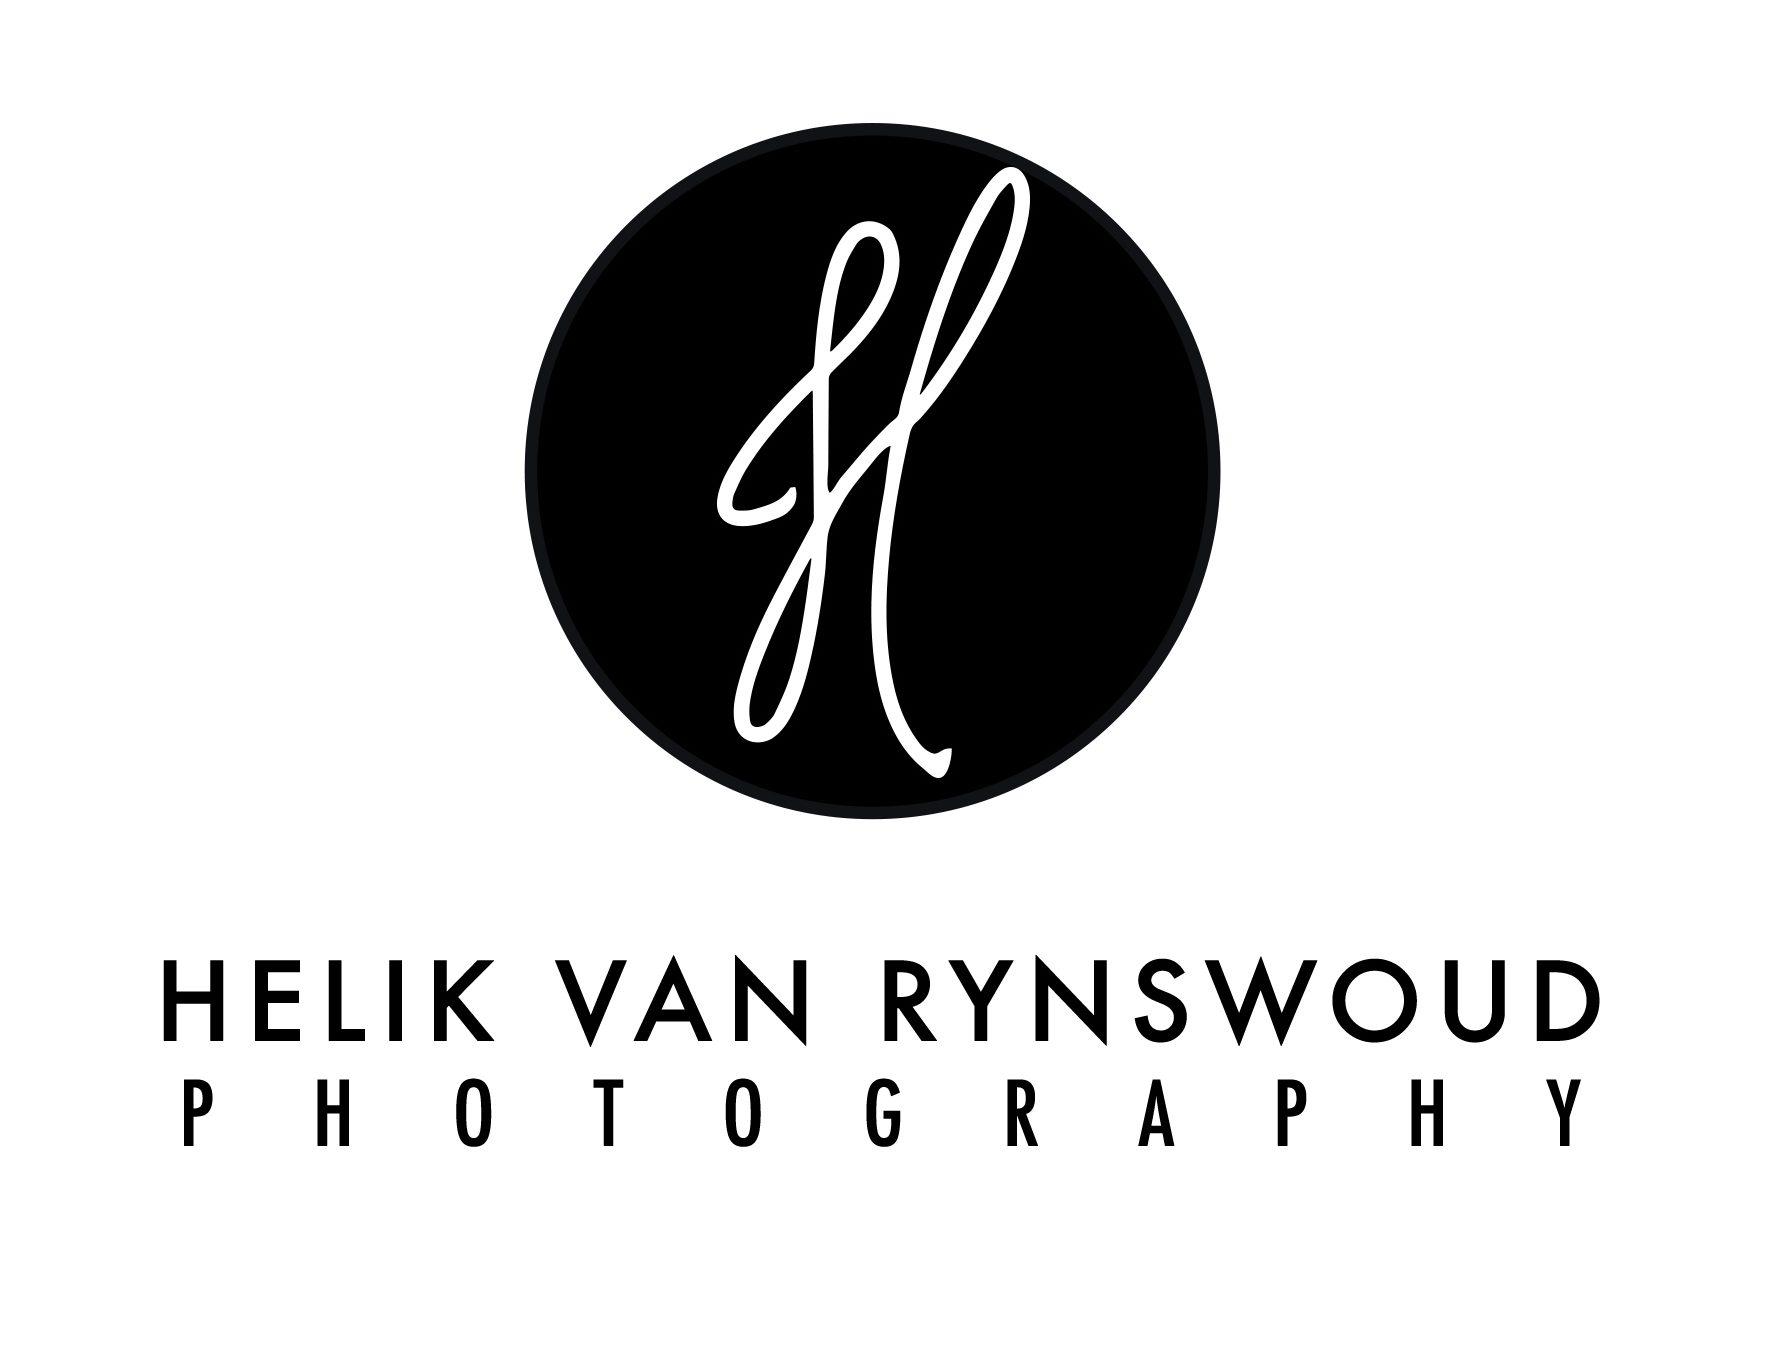 Helik van Rynswoud – MA Photography